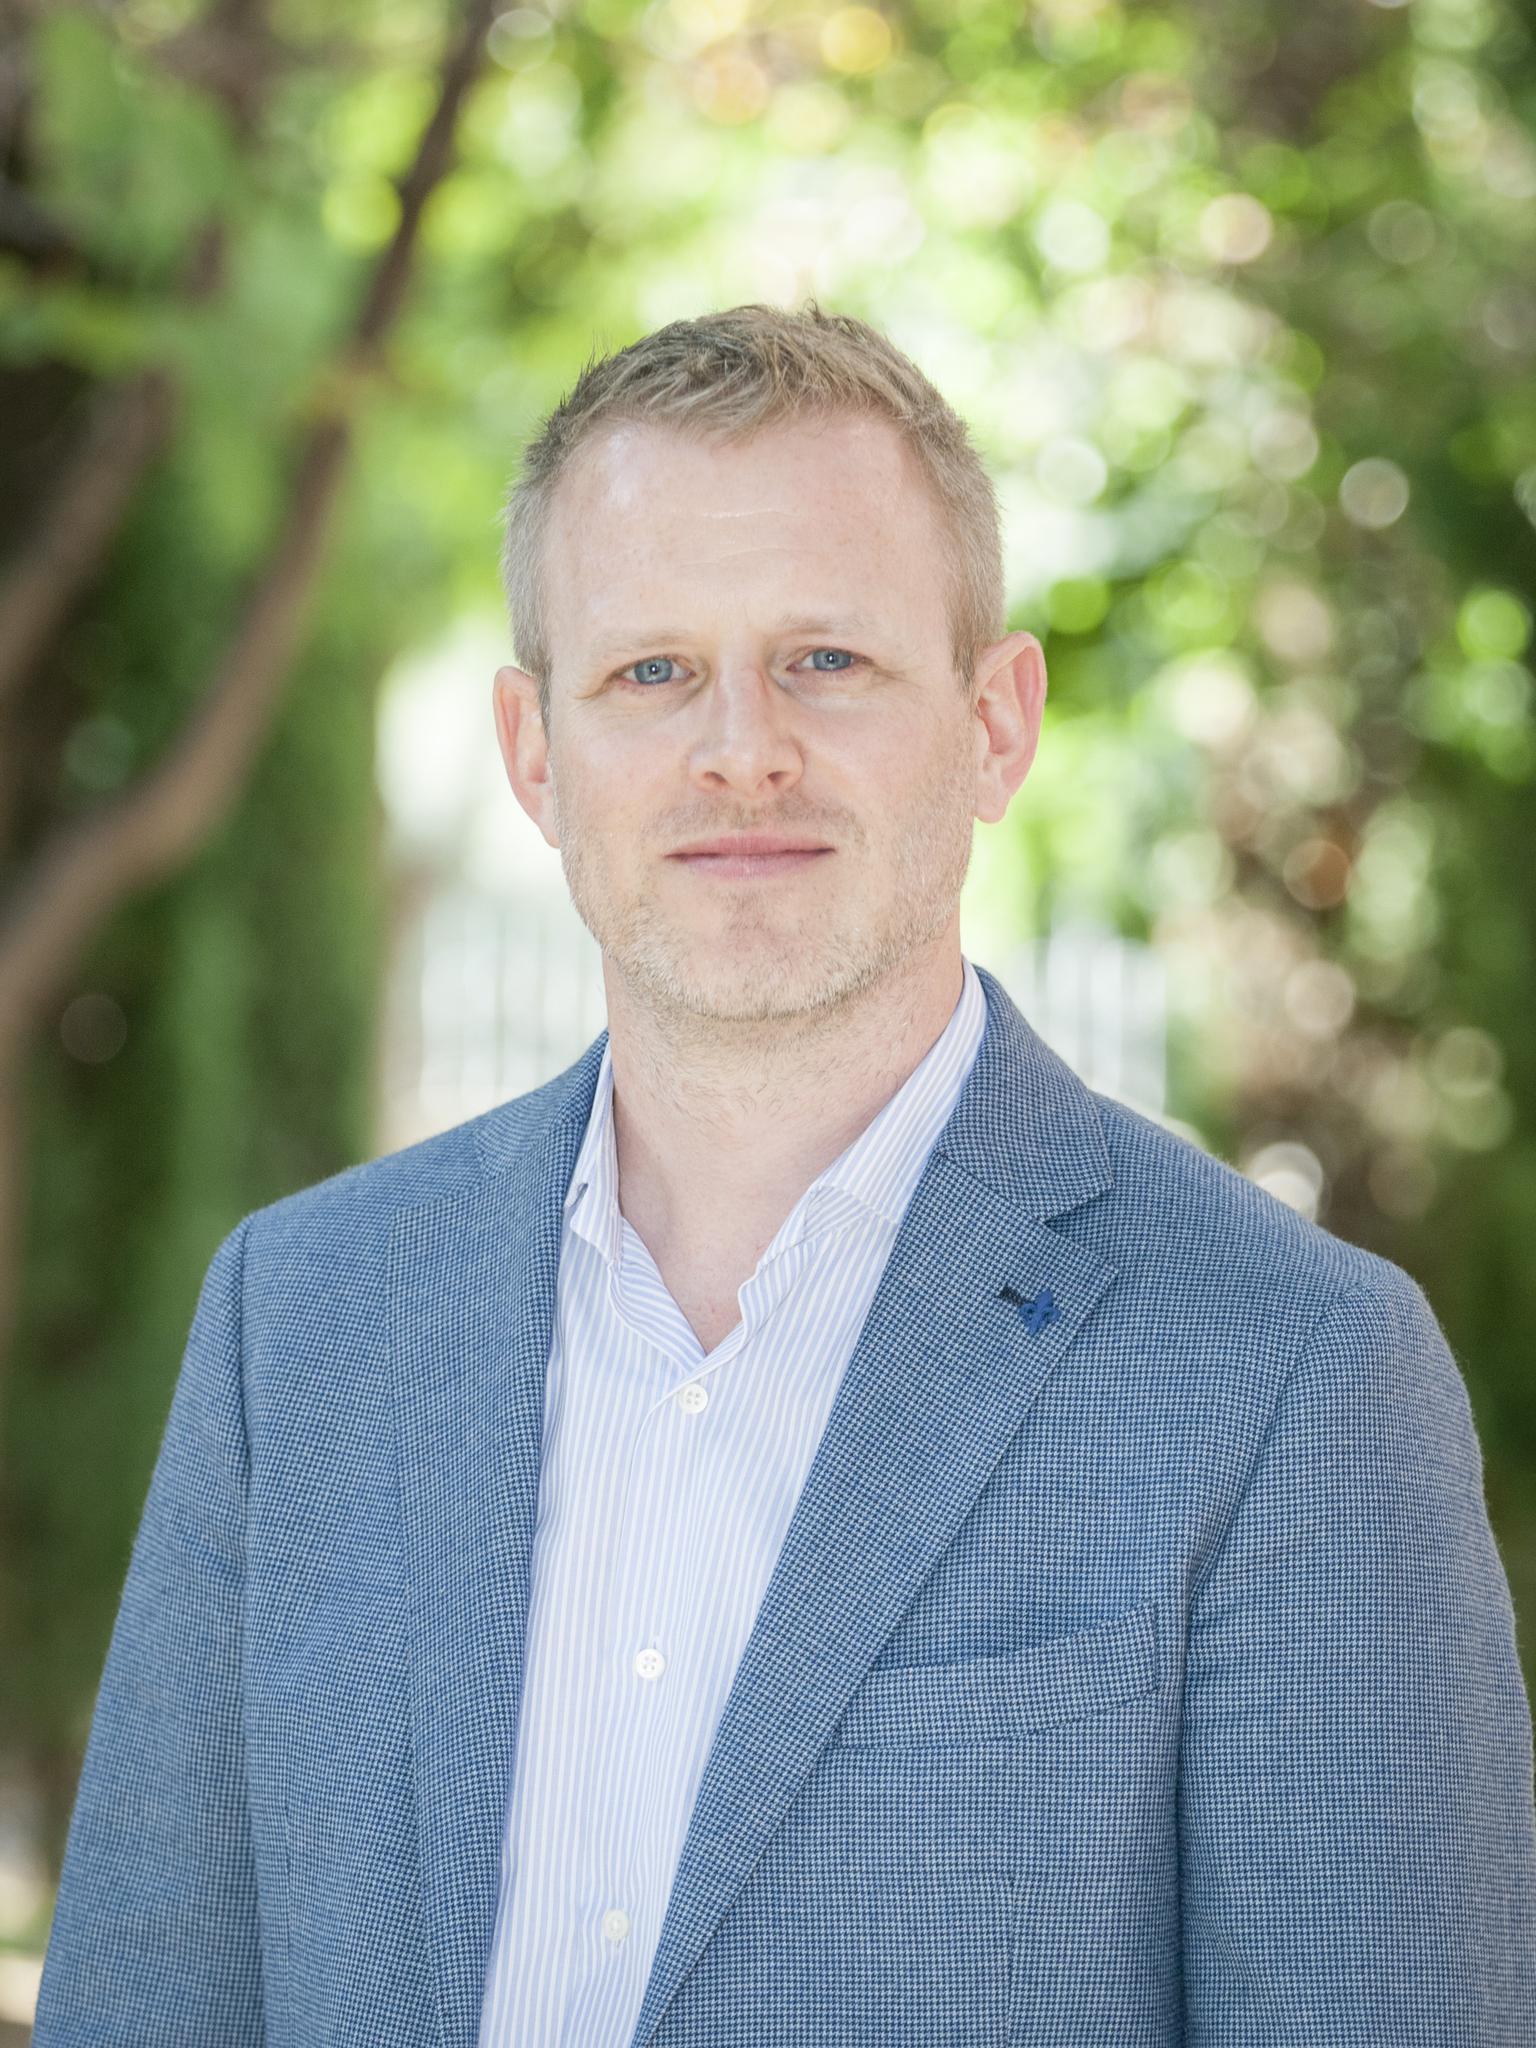 Kevin Crosbie